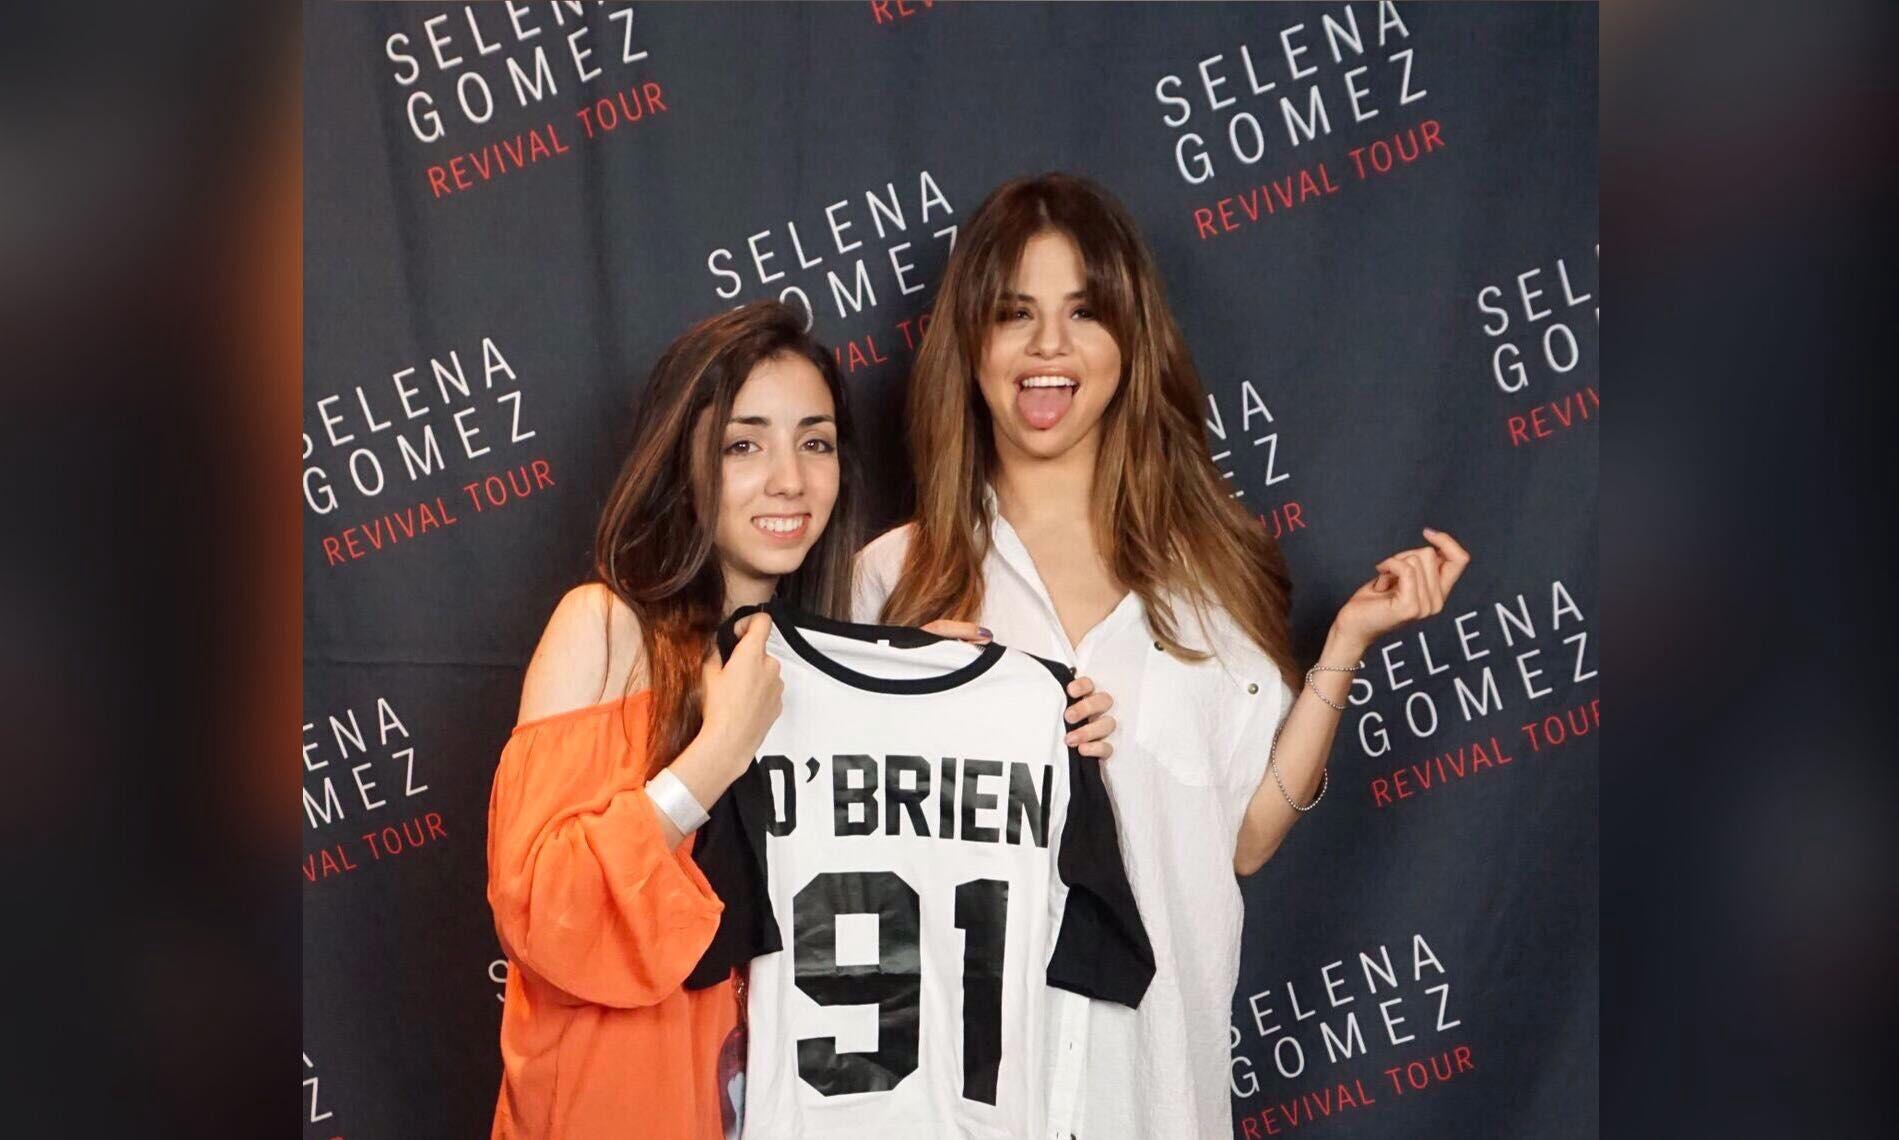 Dylena One Shots Meet Greet Obrien Shirt Wattpad